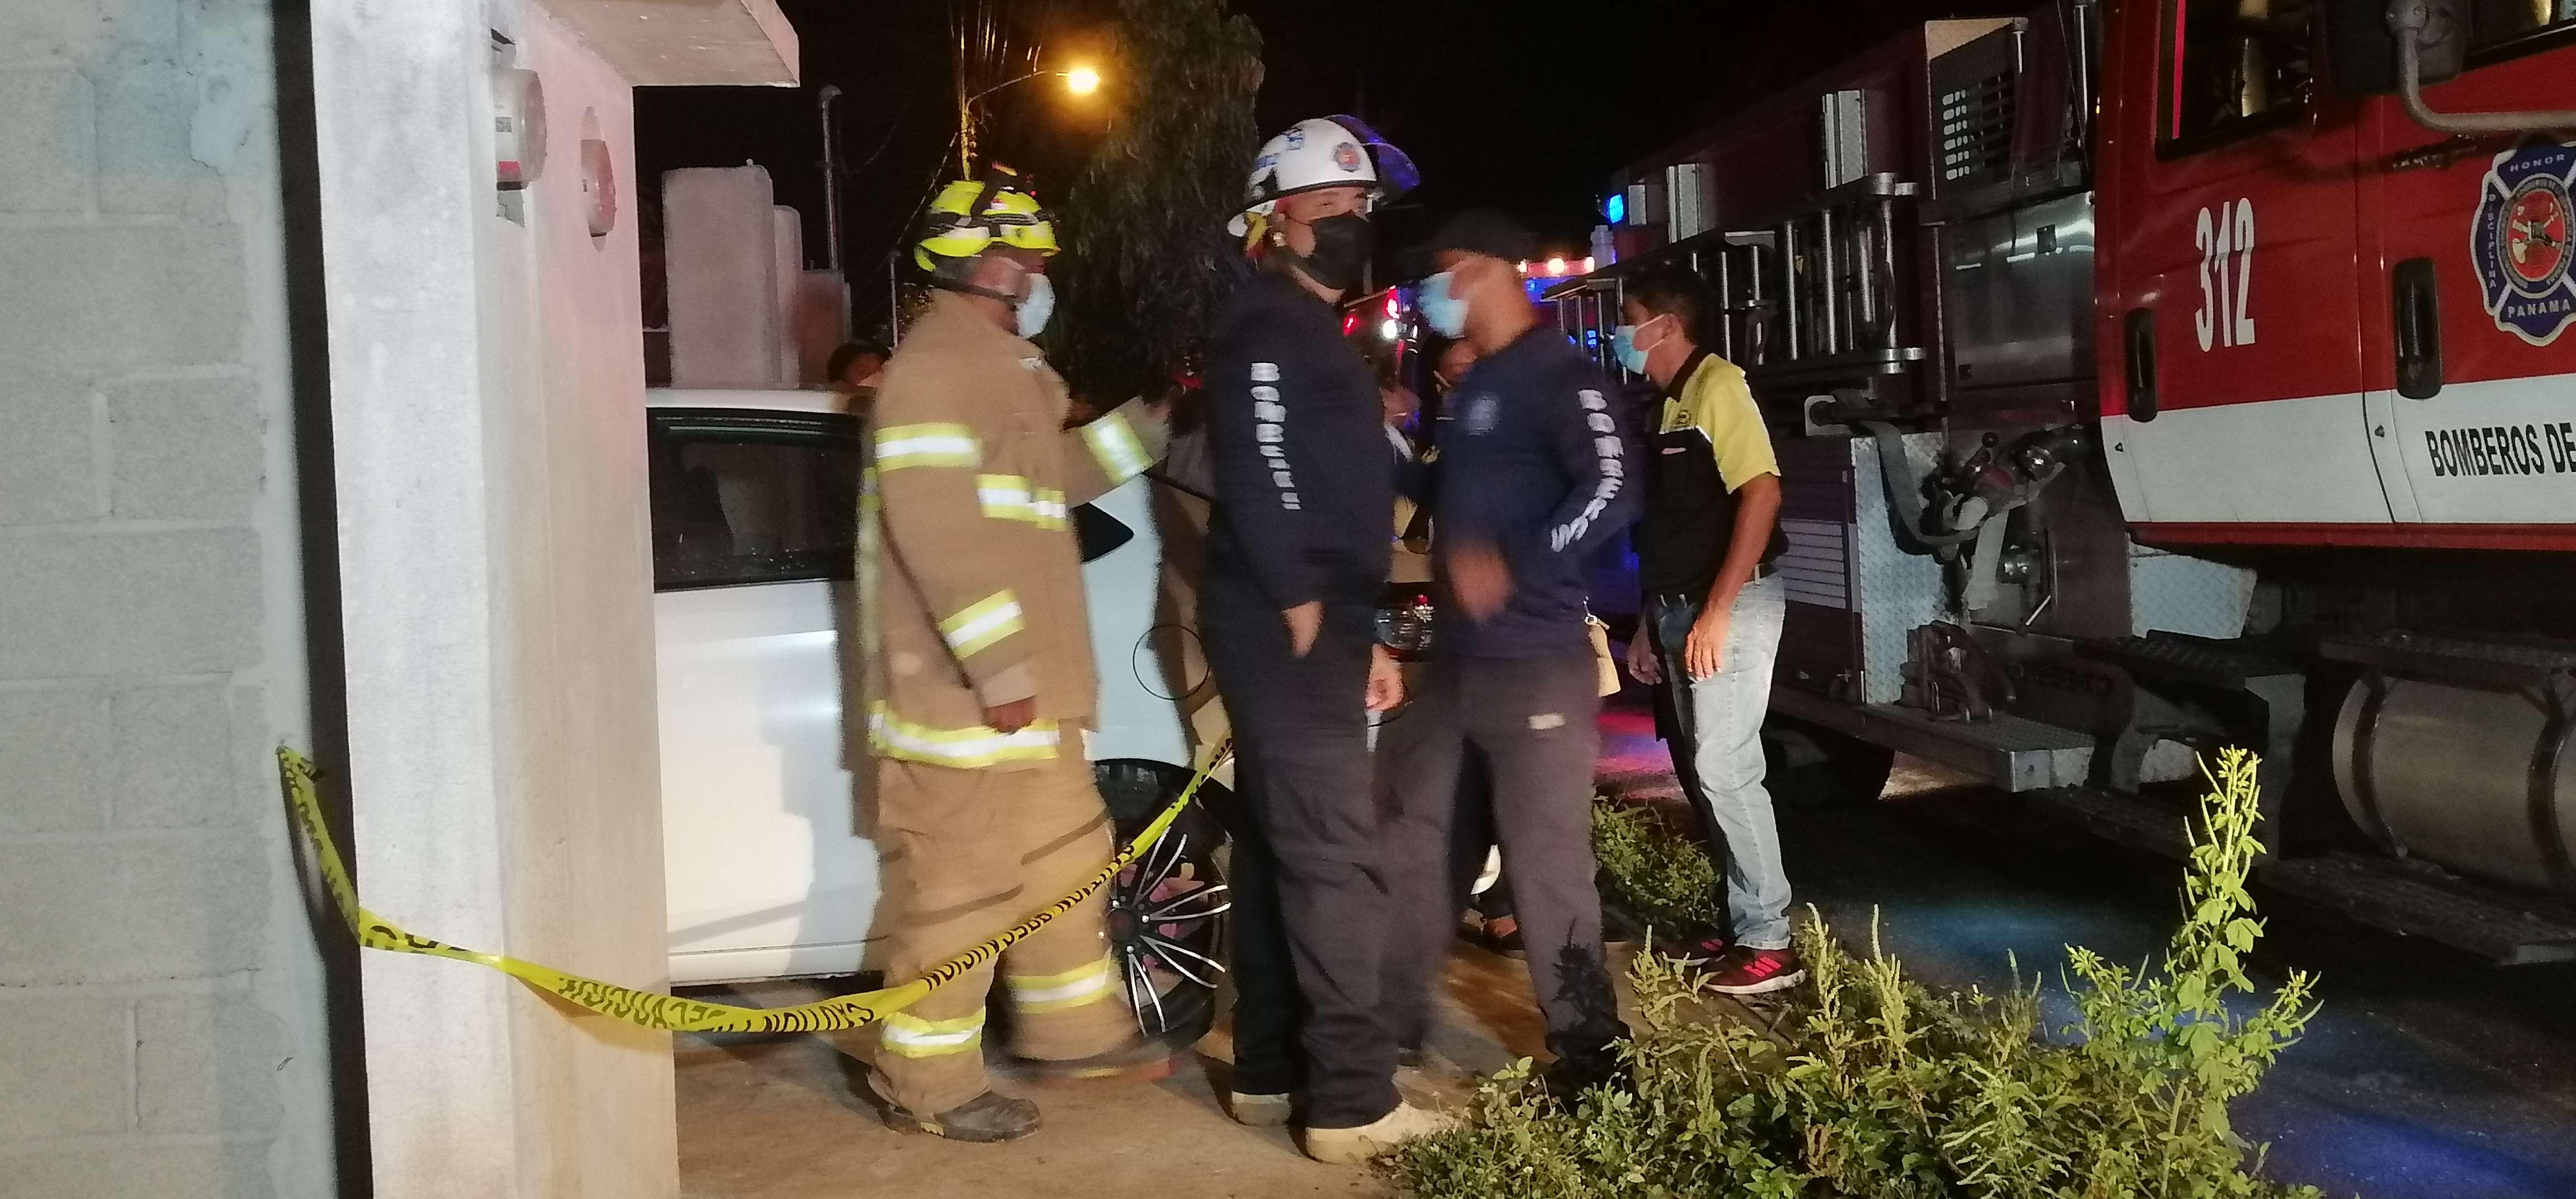 La situación fue controlada por los bomberos y personal de la empresa eléctrica.